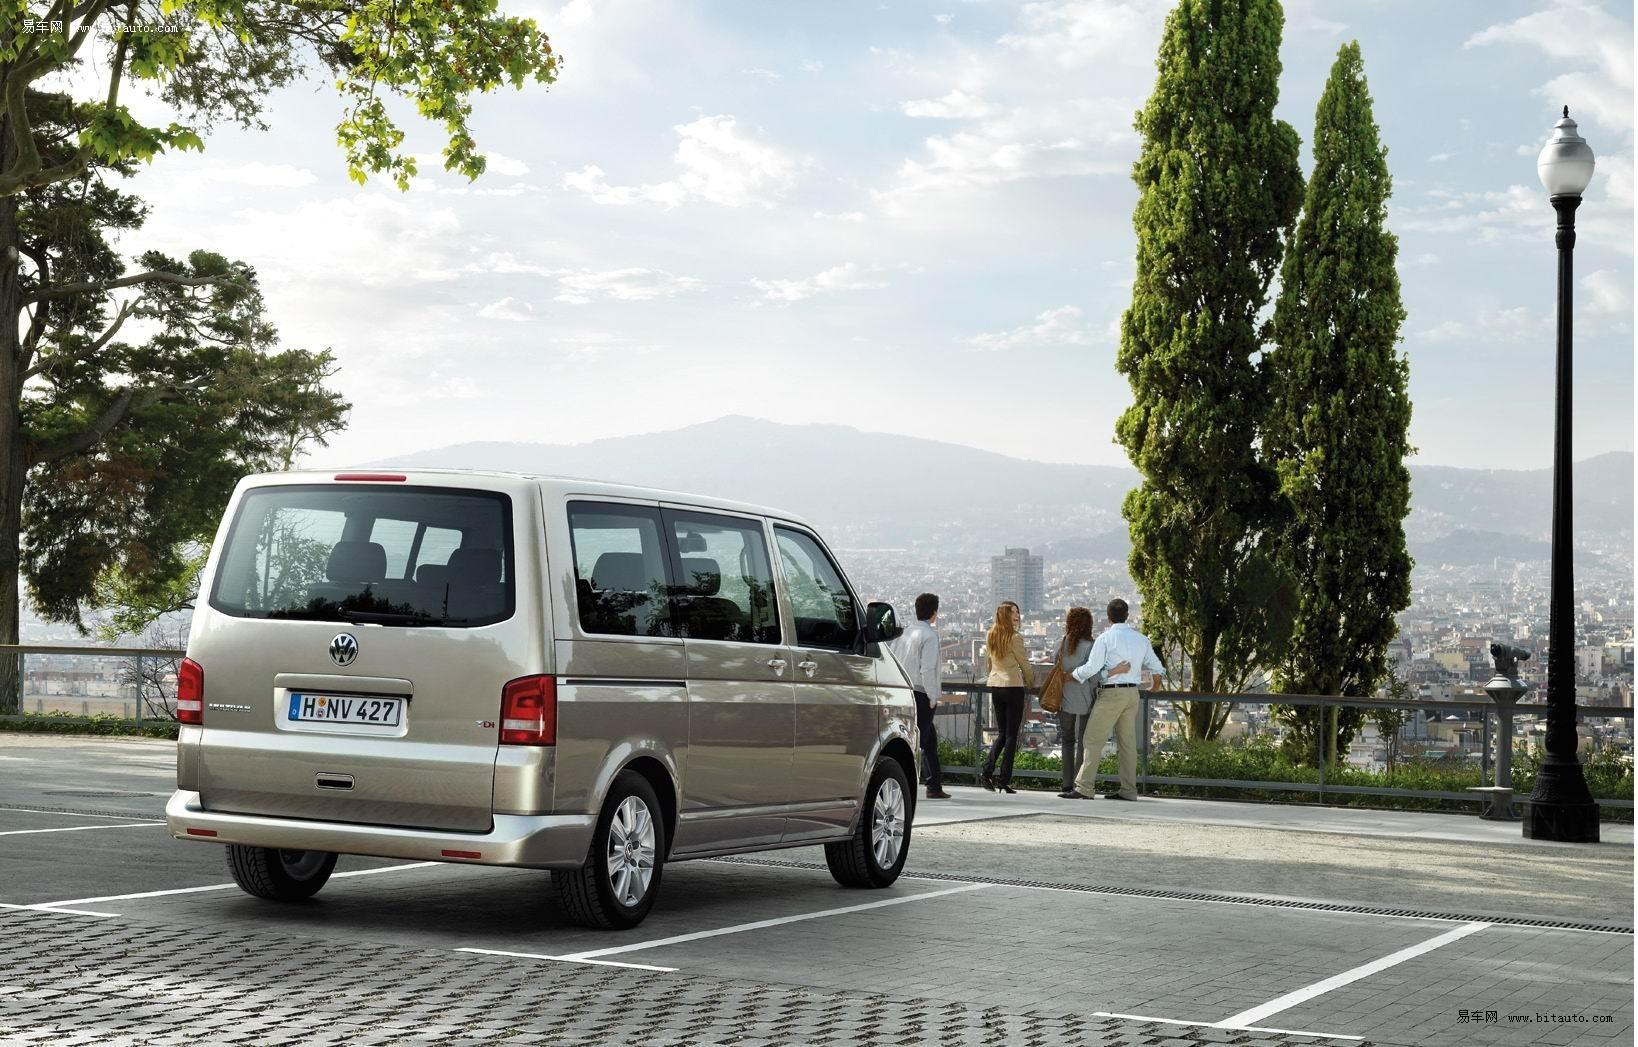 可靠的全时四驱系统 大众汽车multivan多功能商务车魅力解析高清图片